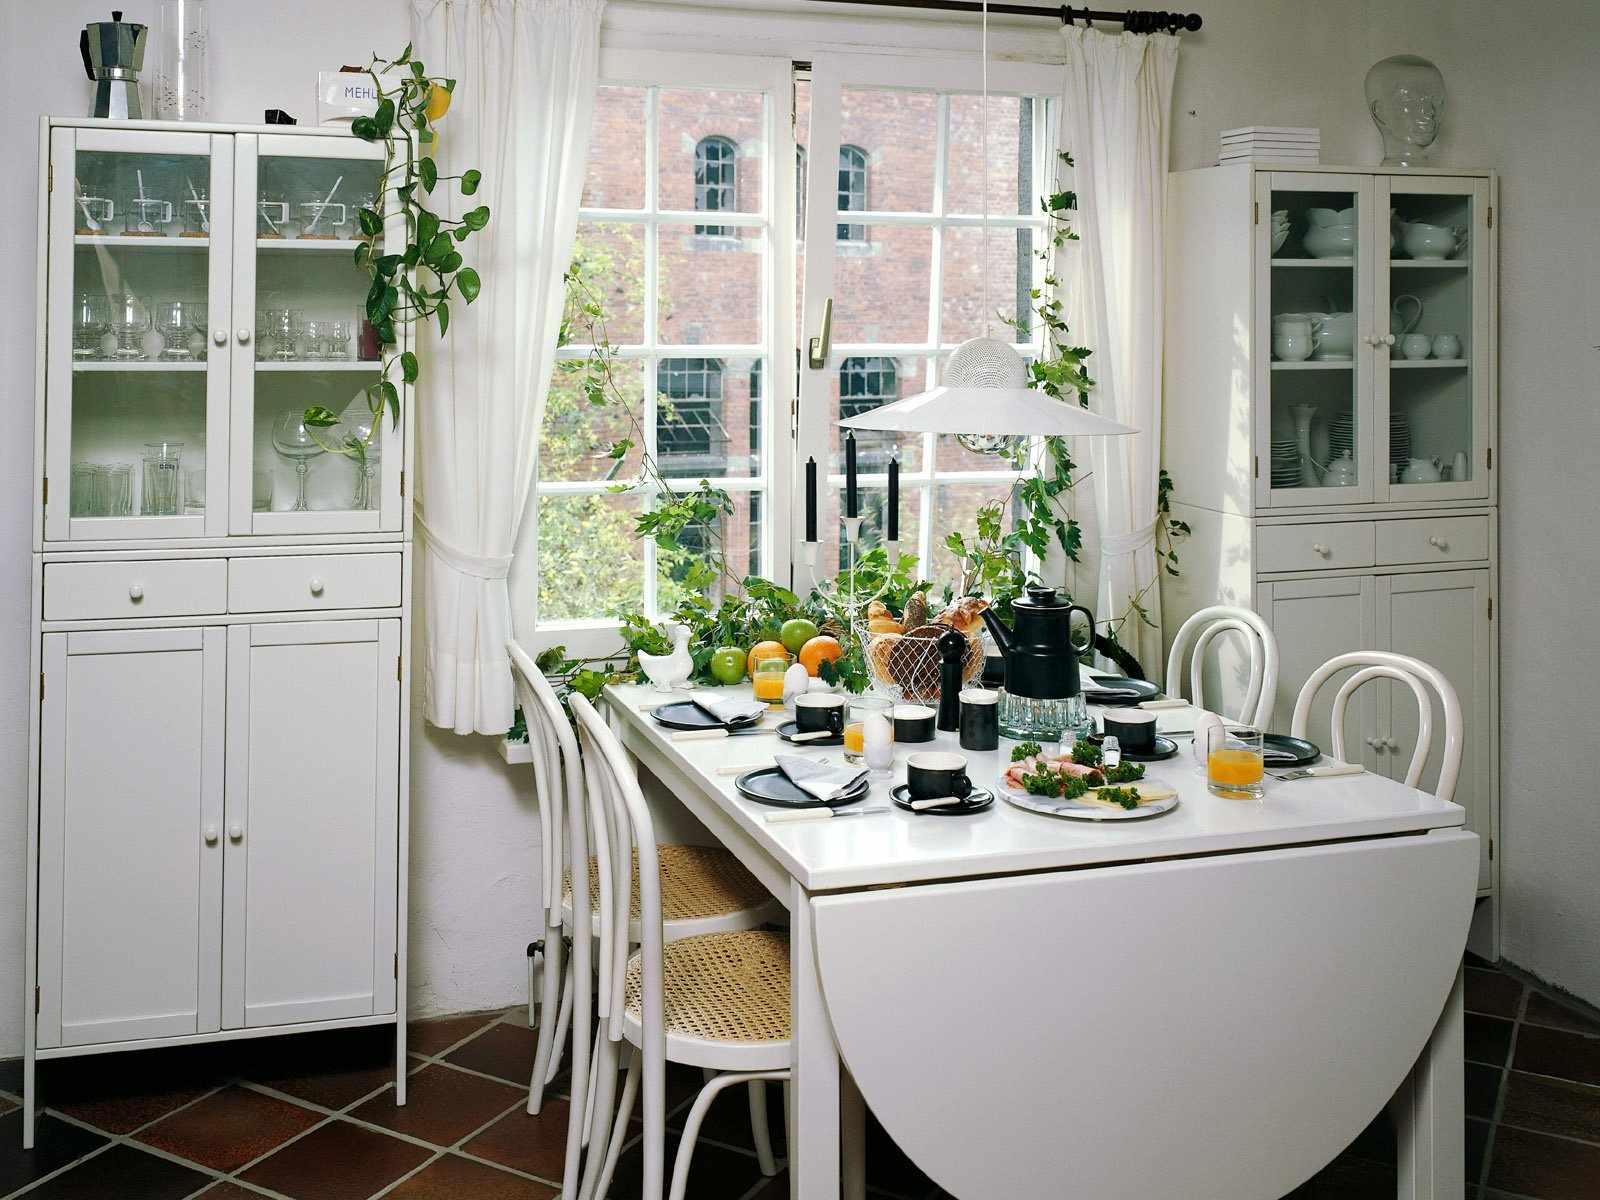 Кухонный стол на четырех ножках в интерьере